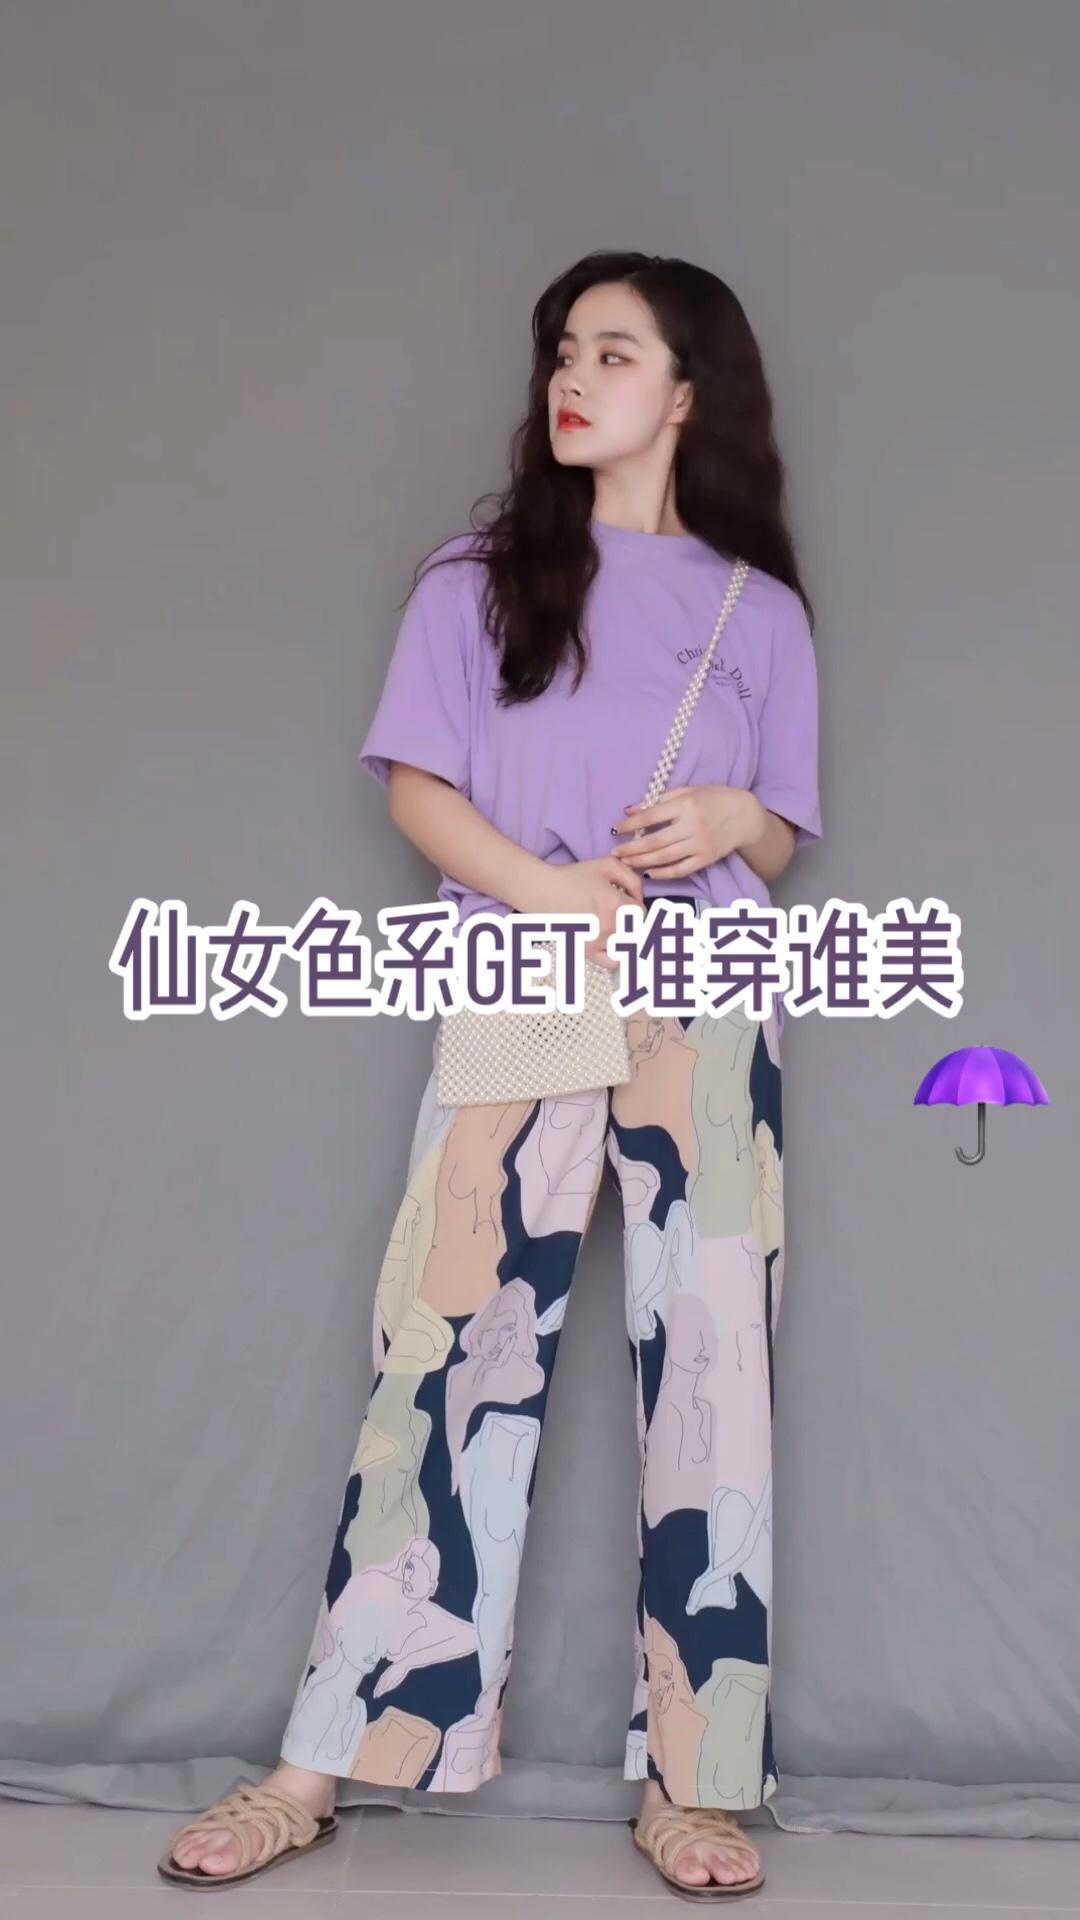 """紫色圆领短袖T恤搭配设计感十足的宽松阔腿裤 斜挎珍珠包包 整套复古甜美#""""心动的信号""""式温柔穿搭#"""